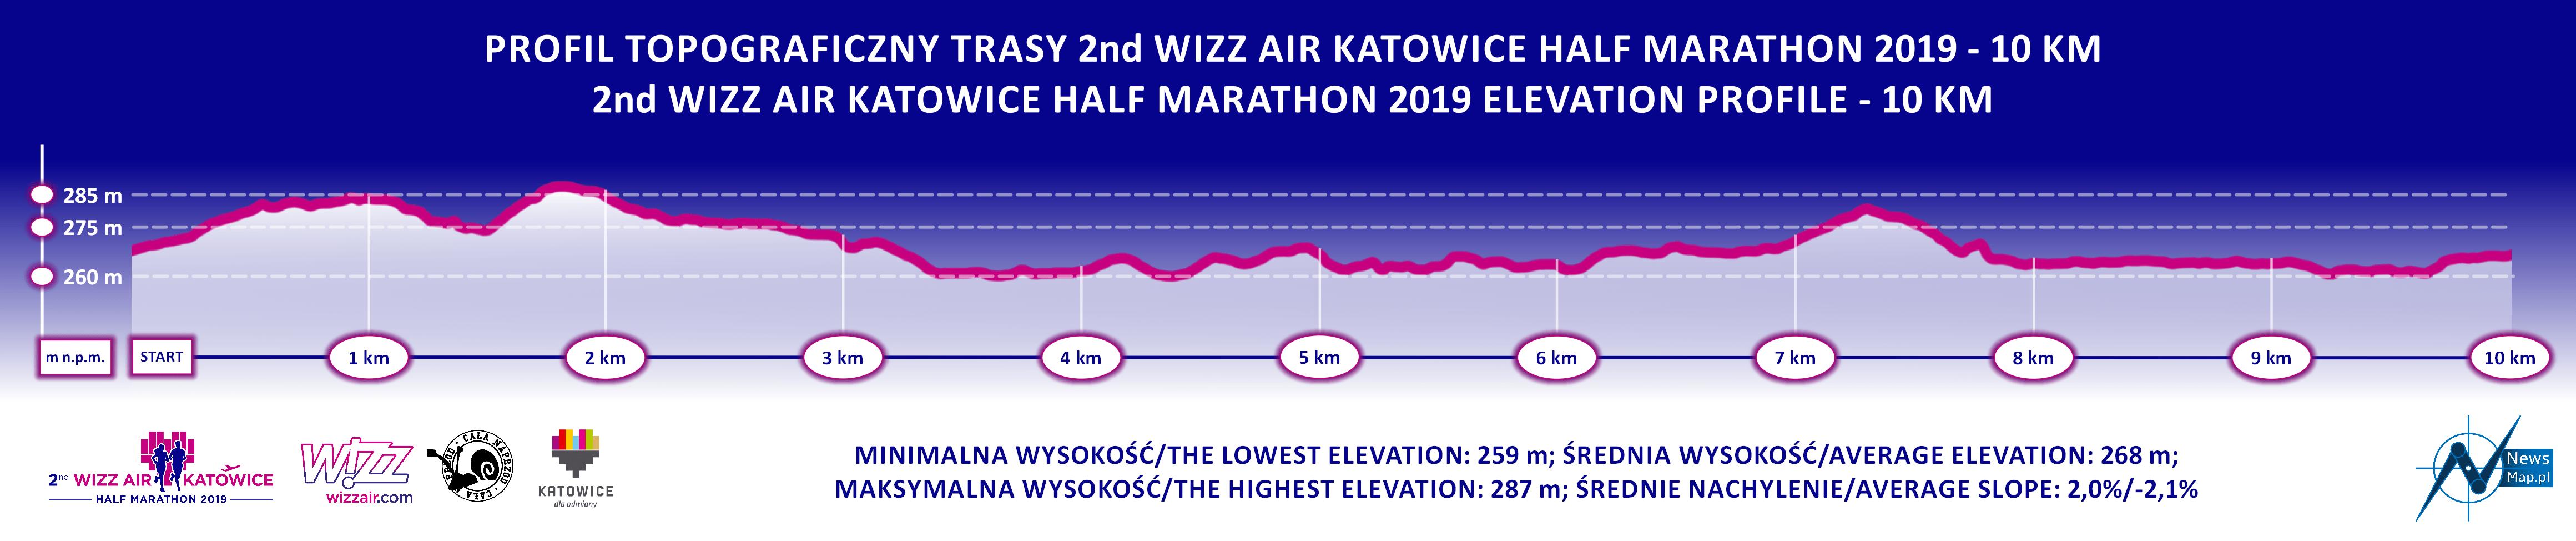 2nd Wizz Air Katowice Half Marathon 10 km - profil topograficzny